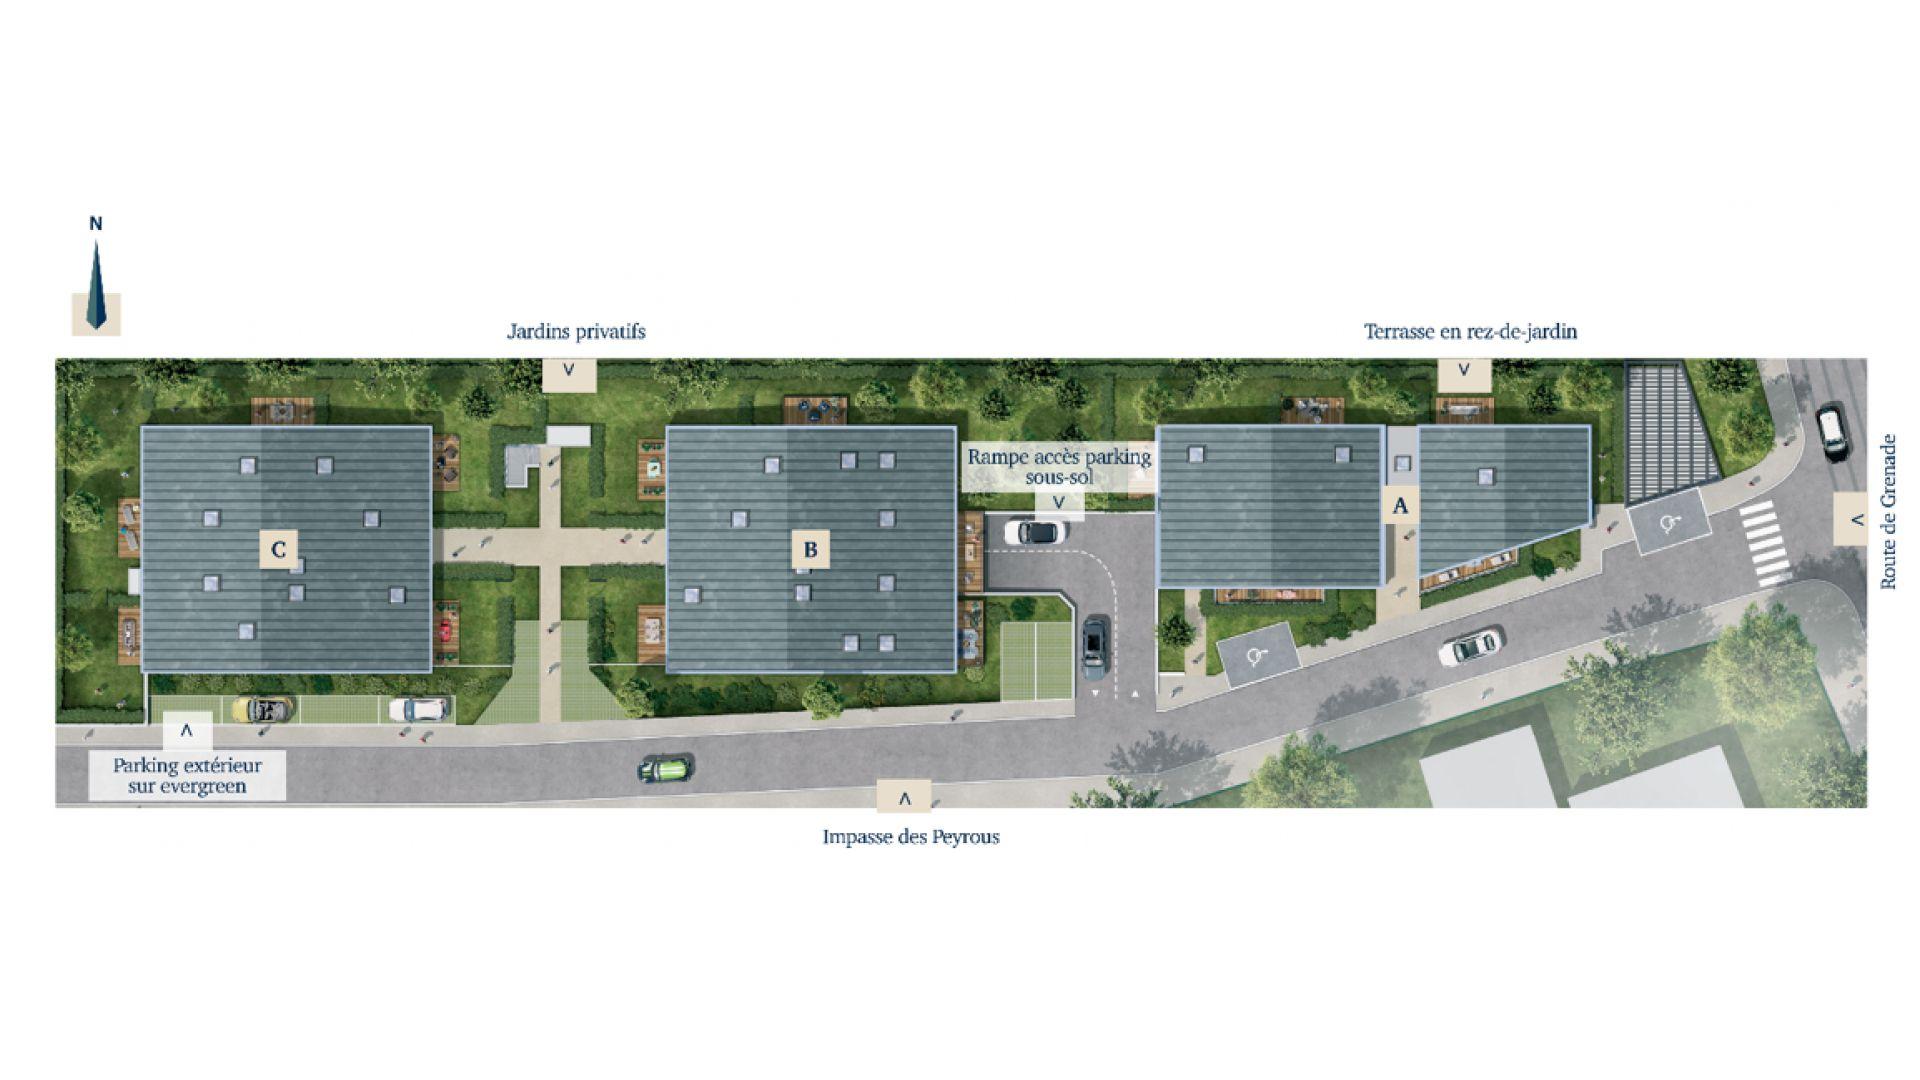 Greencity Immobilier - Résidence Villa Palacio - 31700 Blagnac - appartements neufs du T2 au T4 Duplex - plan de masse